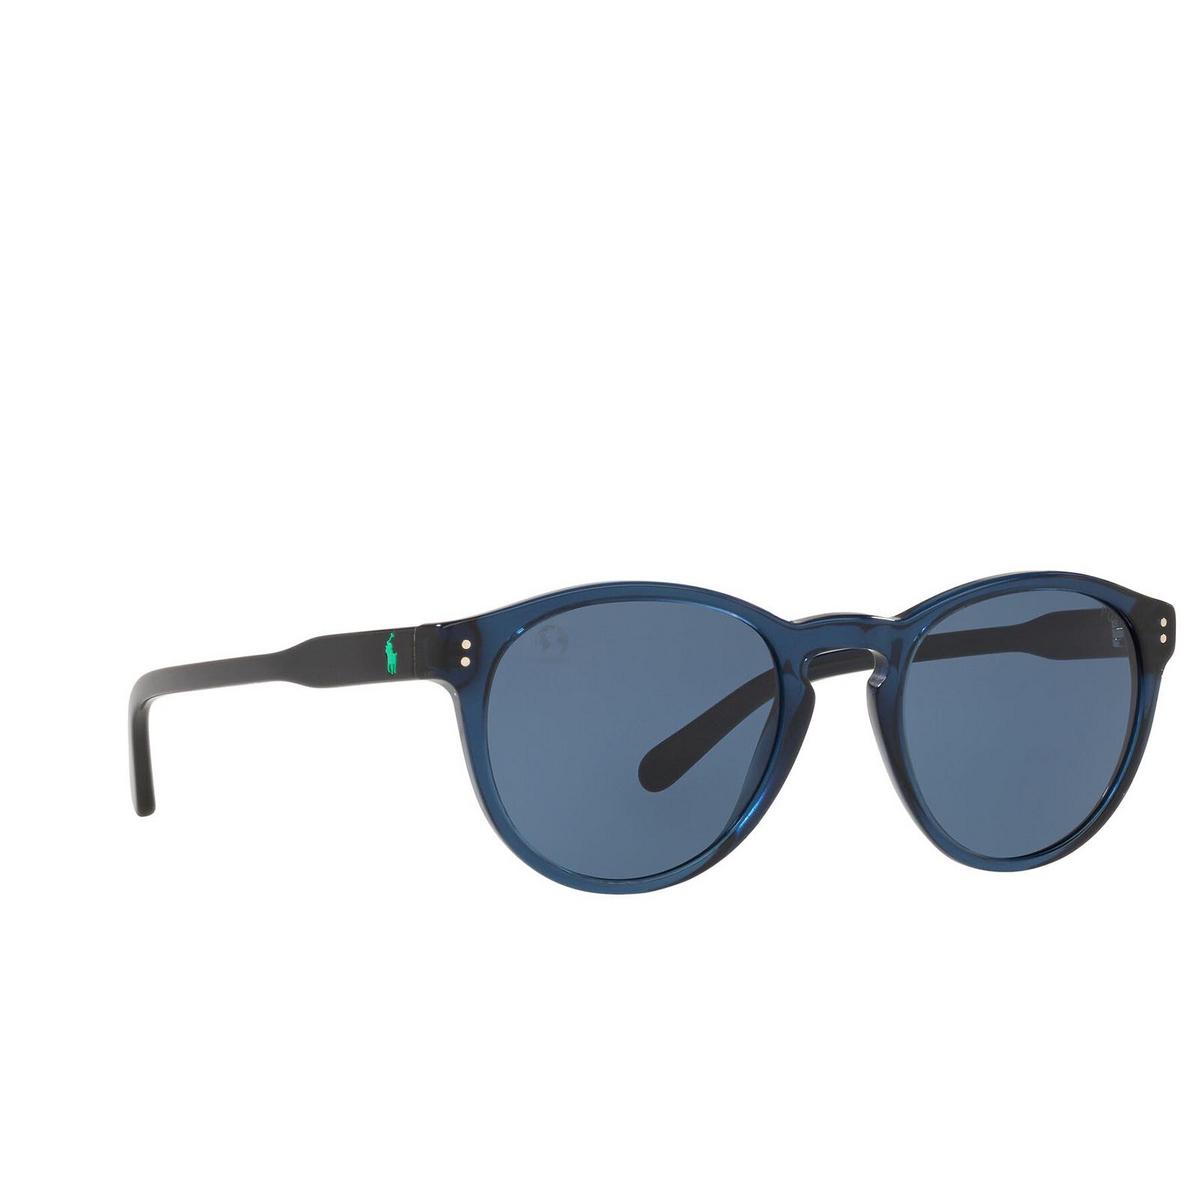 Polo Ralph Lauren® Round Sunglasses: PH4172 color Shiny Transparent Blue 595580.